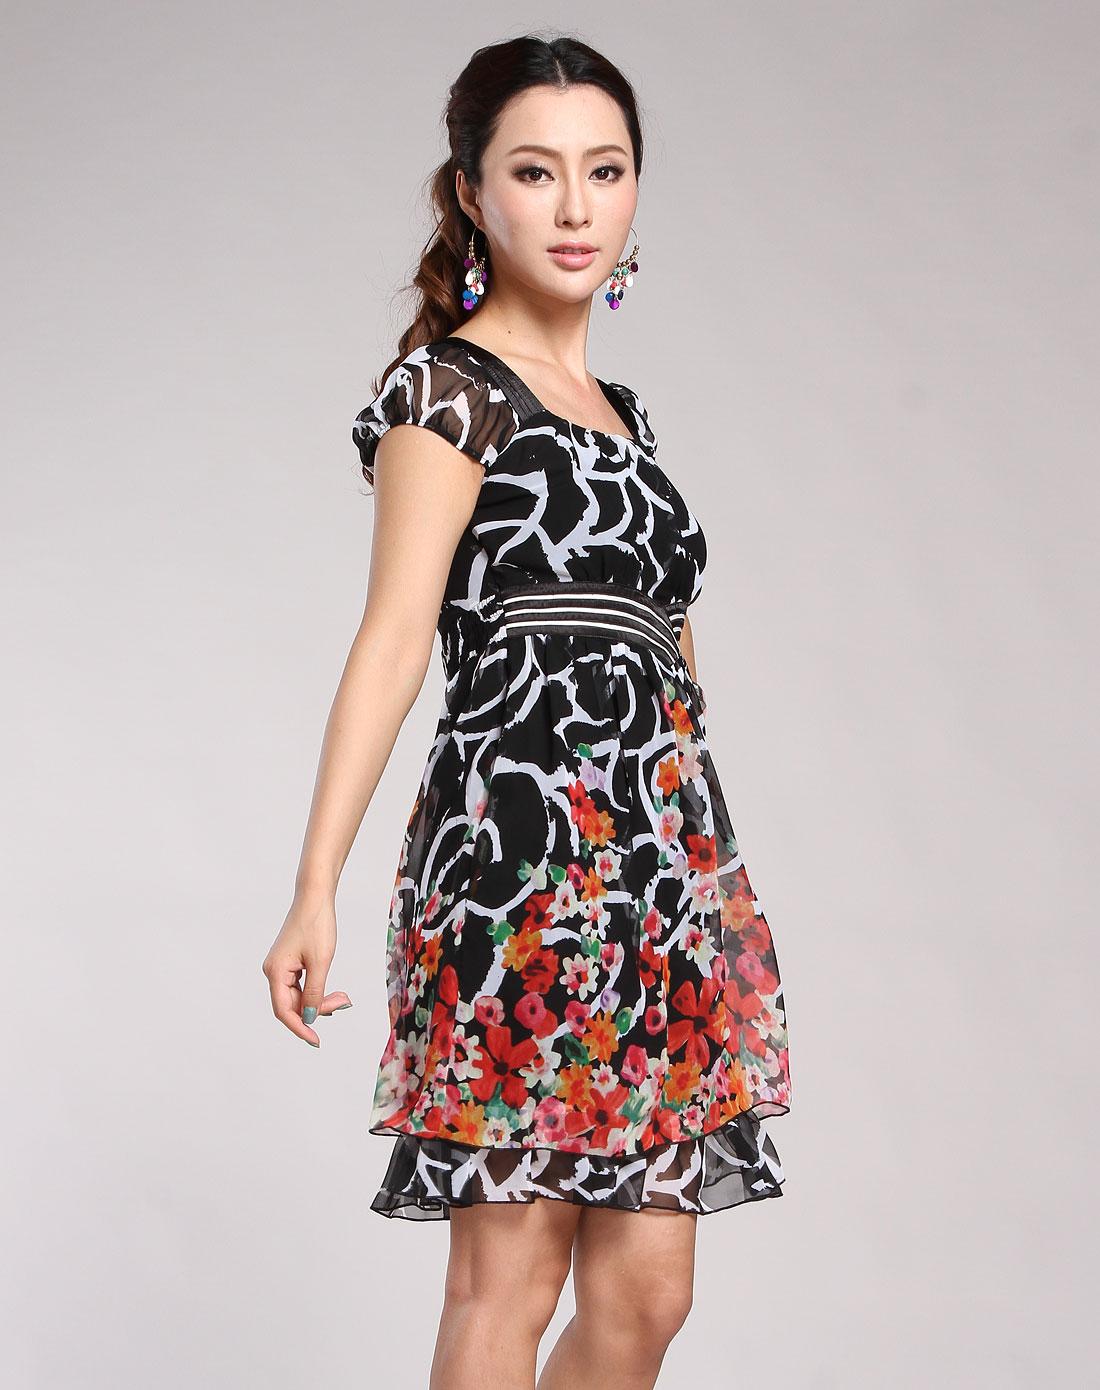 黑色花纹休闲短袖连衣裙